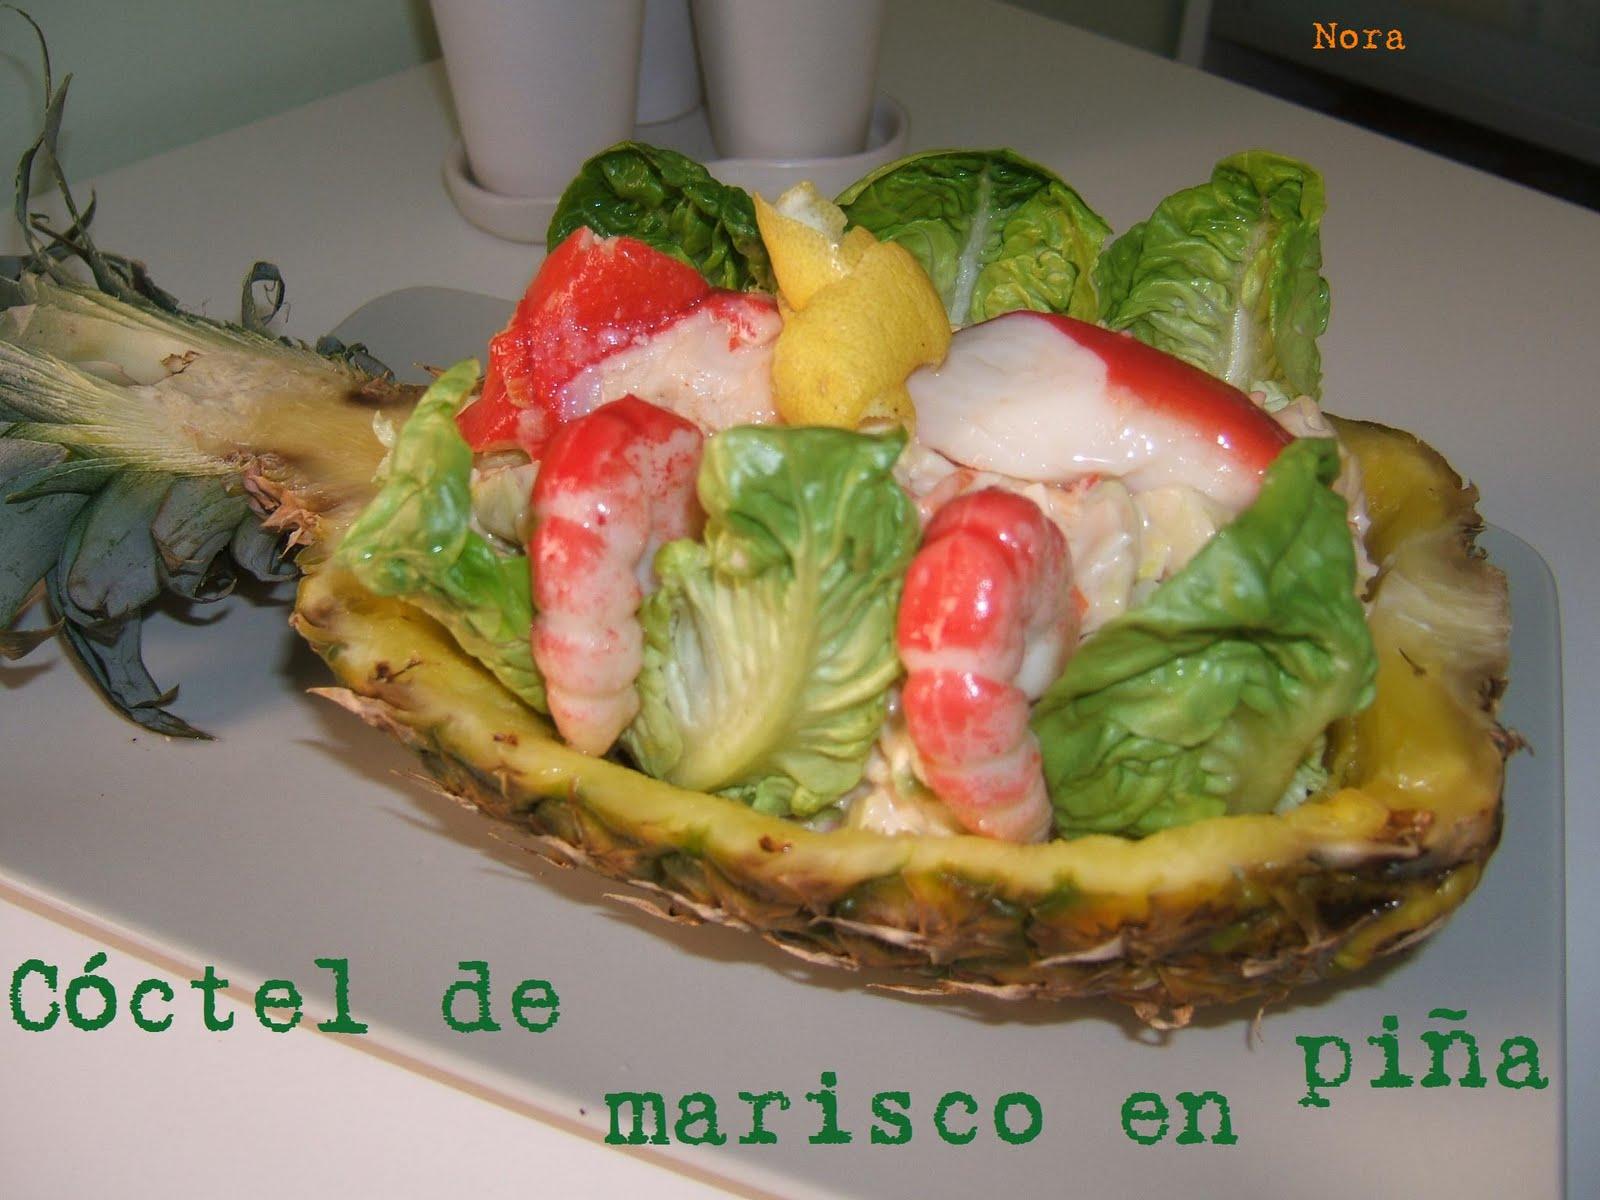 El puchero de nora c ctel de marisco en pi a - Coctel de marisco con aguacate ...